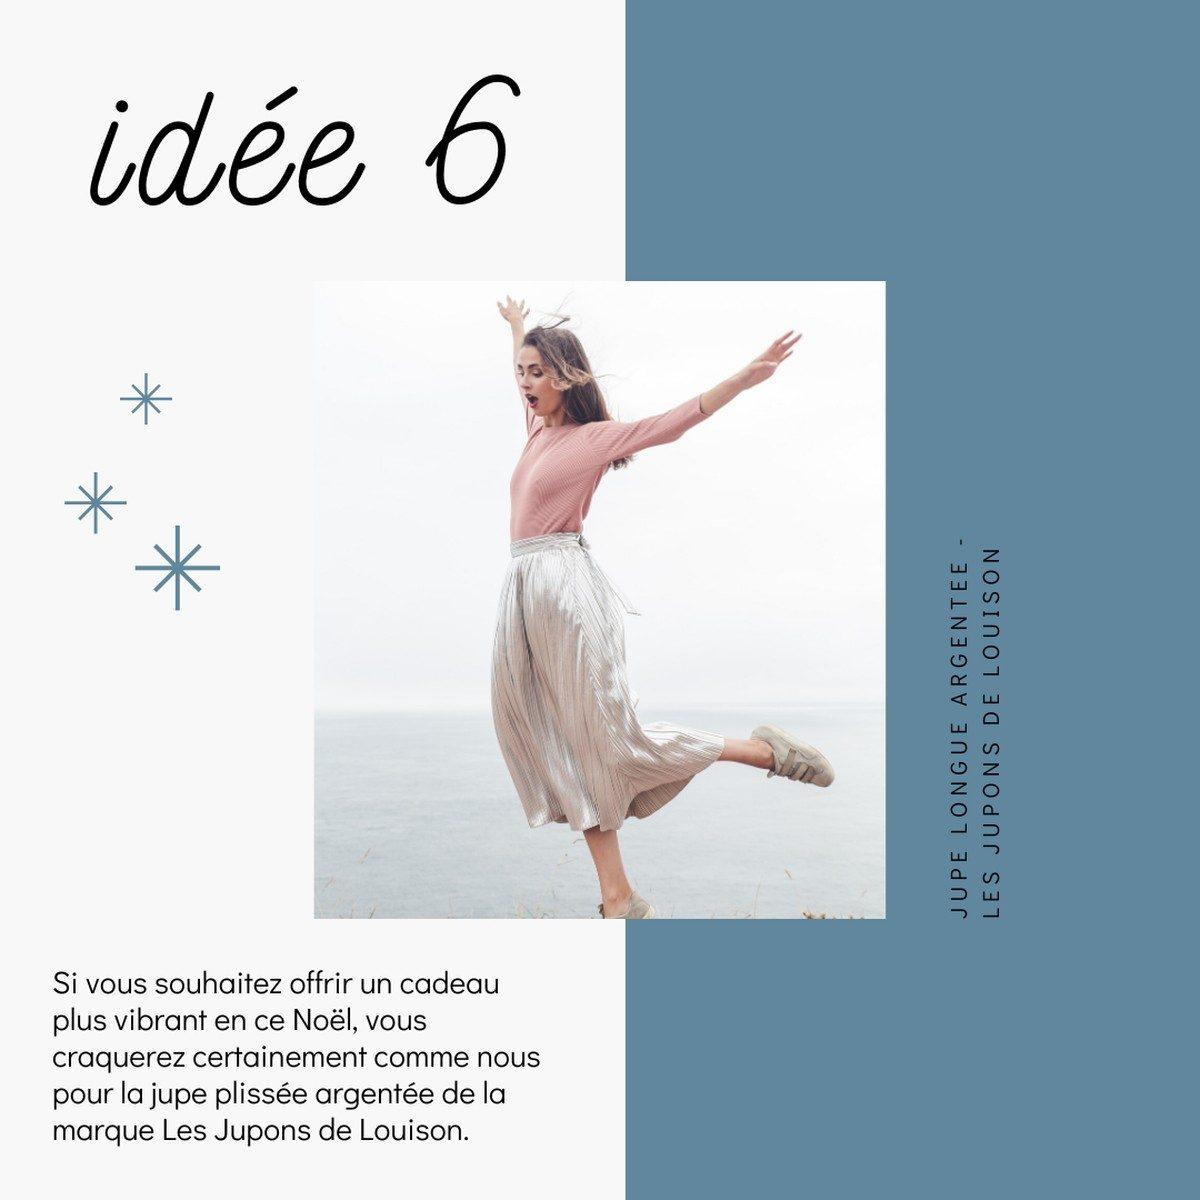 Noël 2019 notre liste de cadeaux slow fashion d'exception - 06 - Les jupons de Louison